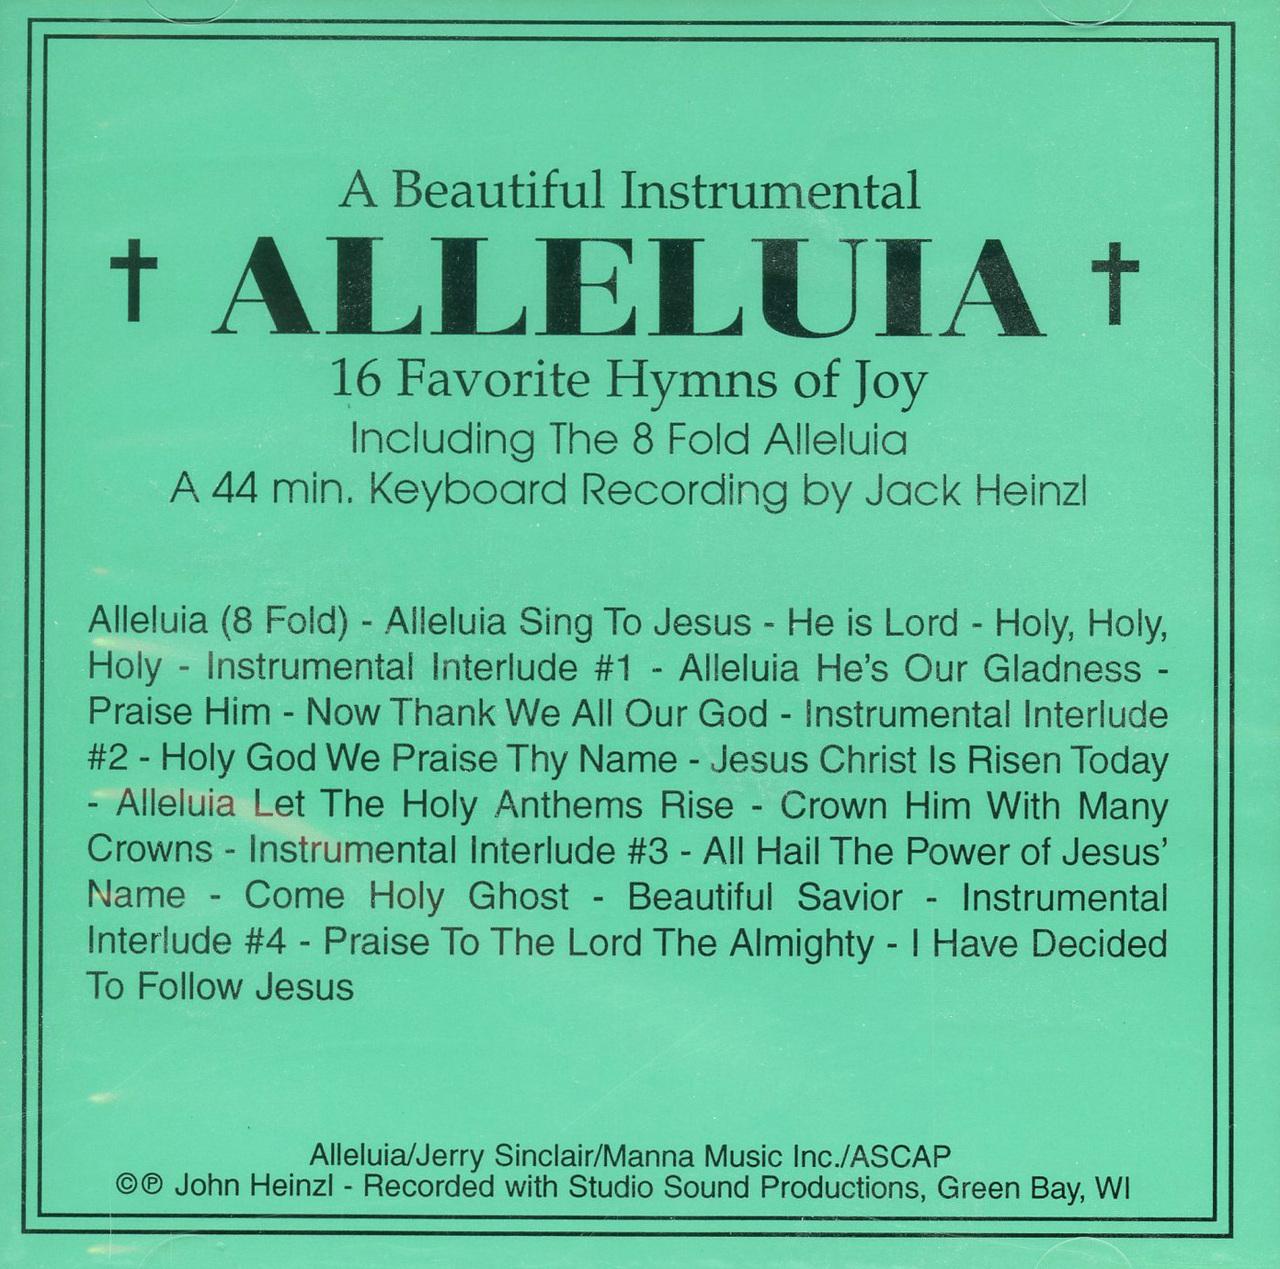 Alleluia   16 favorite hymns of joy by jack heinzl